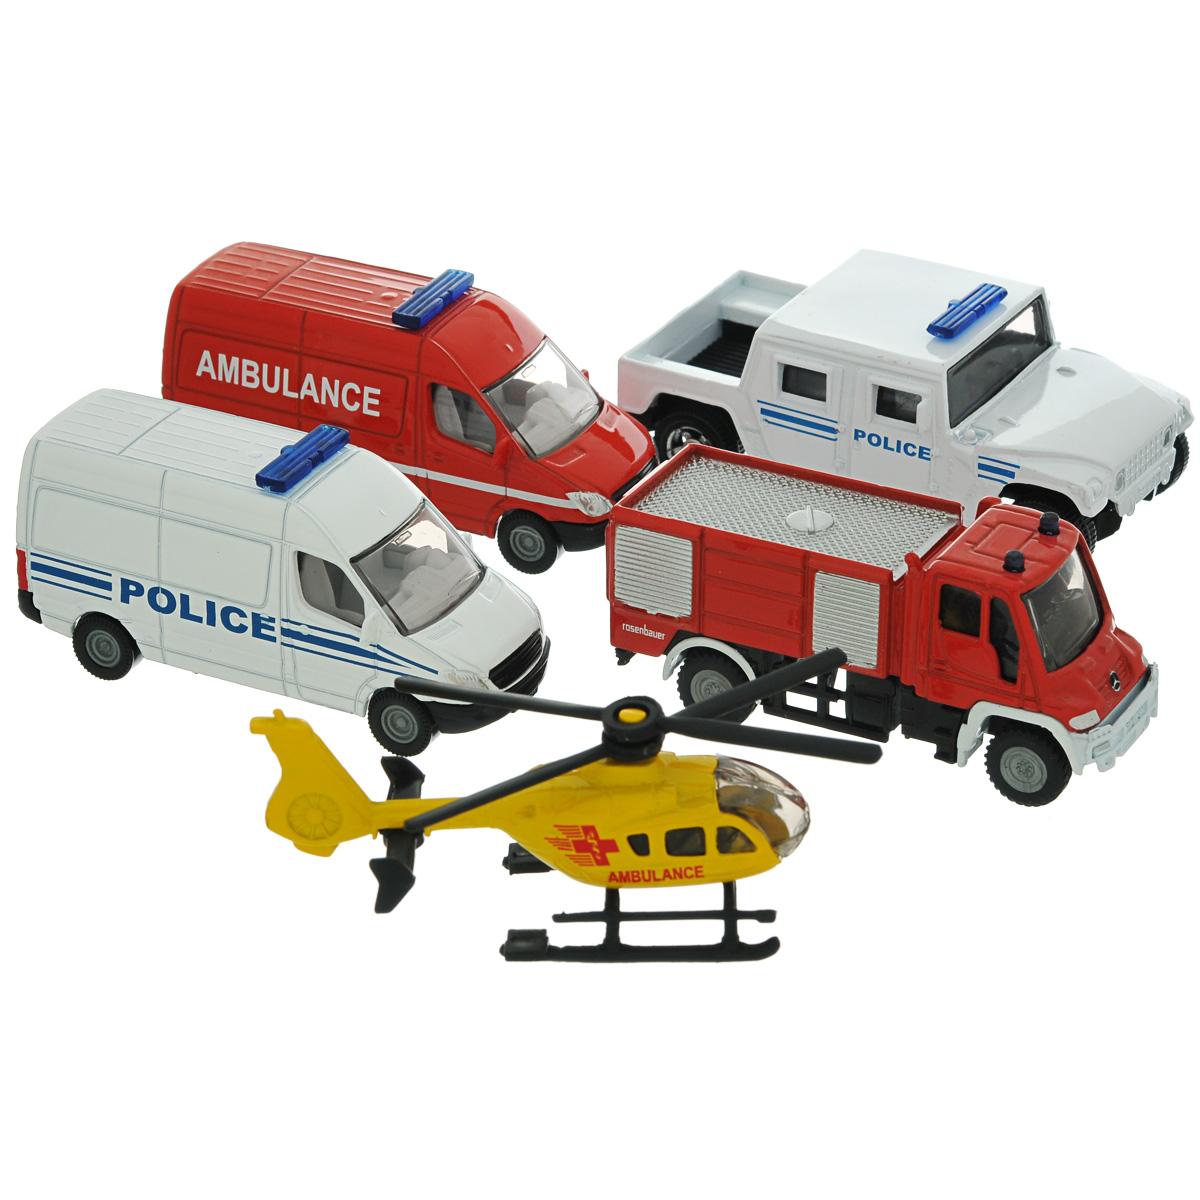 Siku Игровой набор Служба спасения6289Игровой набор Siku Железнодорожный несомненно понравится вашему ребенку и обеспечит увлекательный досуг. Набор включает машинку скорой помощи, пожарную и две полицейских машинки и спасательный вертолет. Предметы выполнены из металла с использованием высококачественного пластика. Ваш ребенок будет часами играть с этим набором, придумывая различные истории. Эта игрушка будет интересна не только детям, но и взрослым коллекционерам.